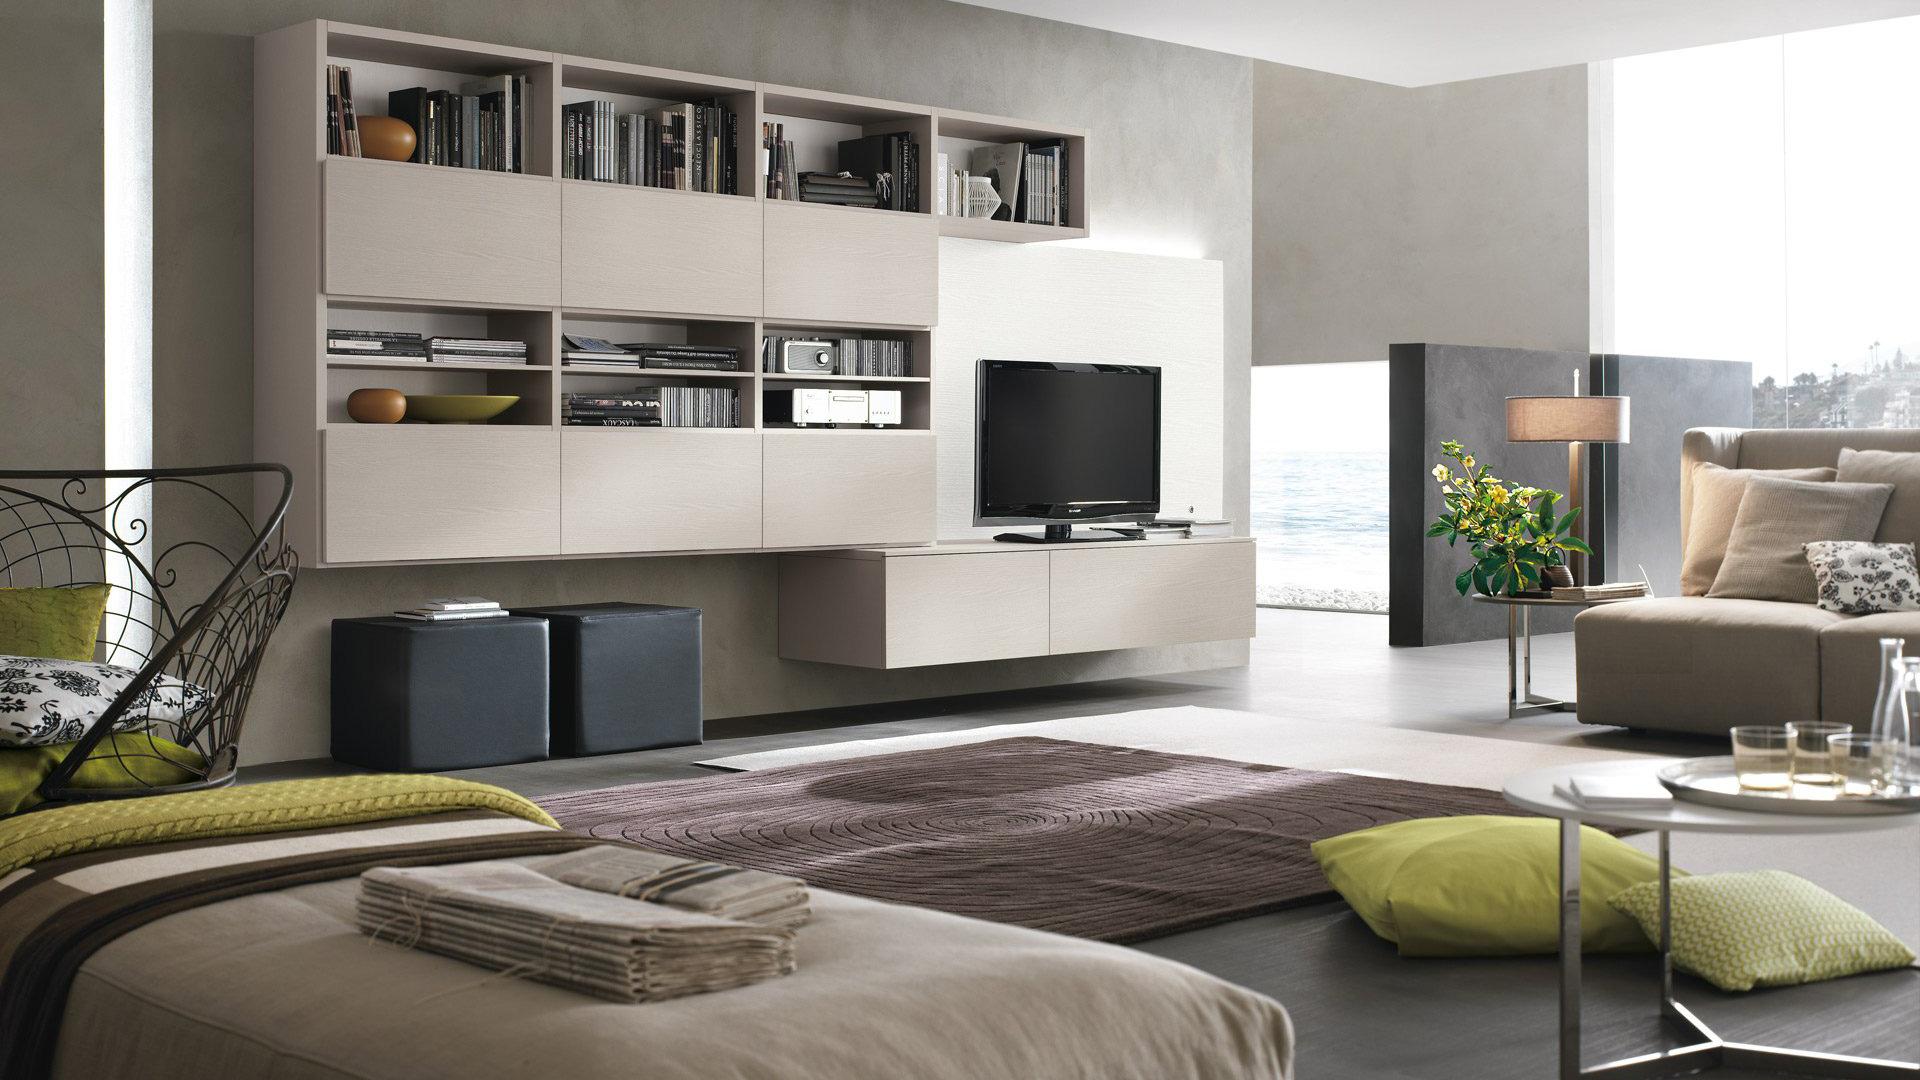 Arredamenti e idee per la casa arredamenti e forniture for Arredamenti case bellissime